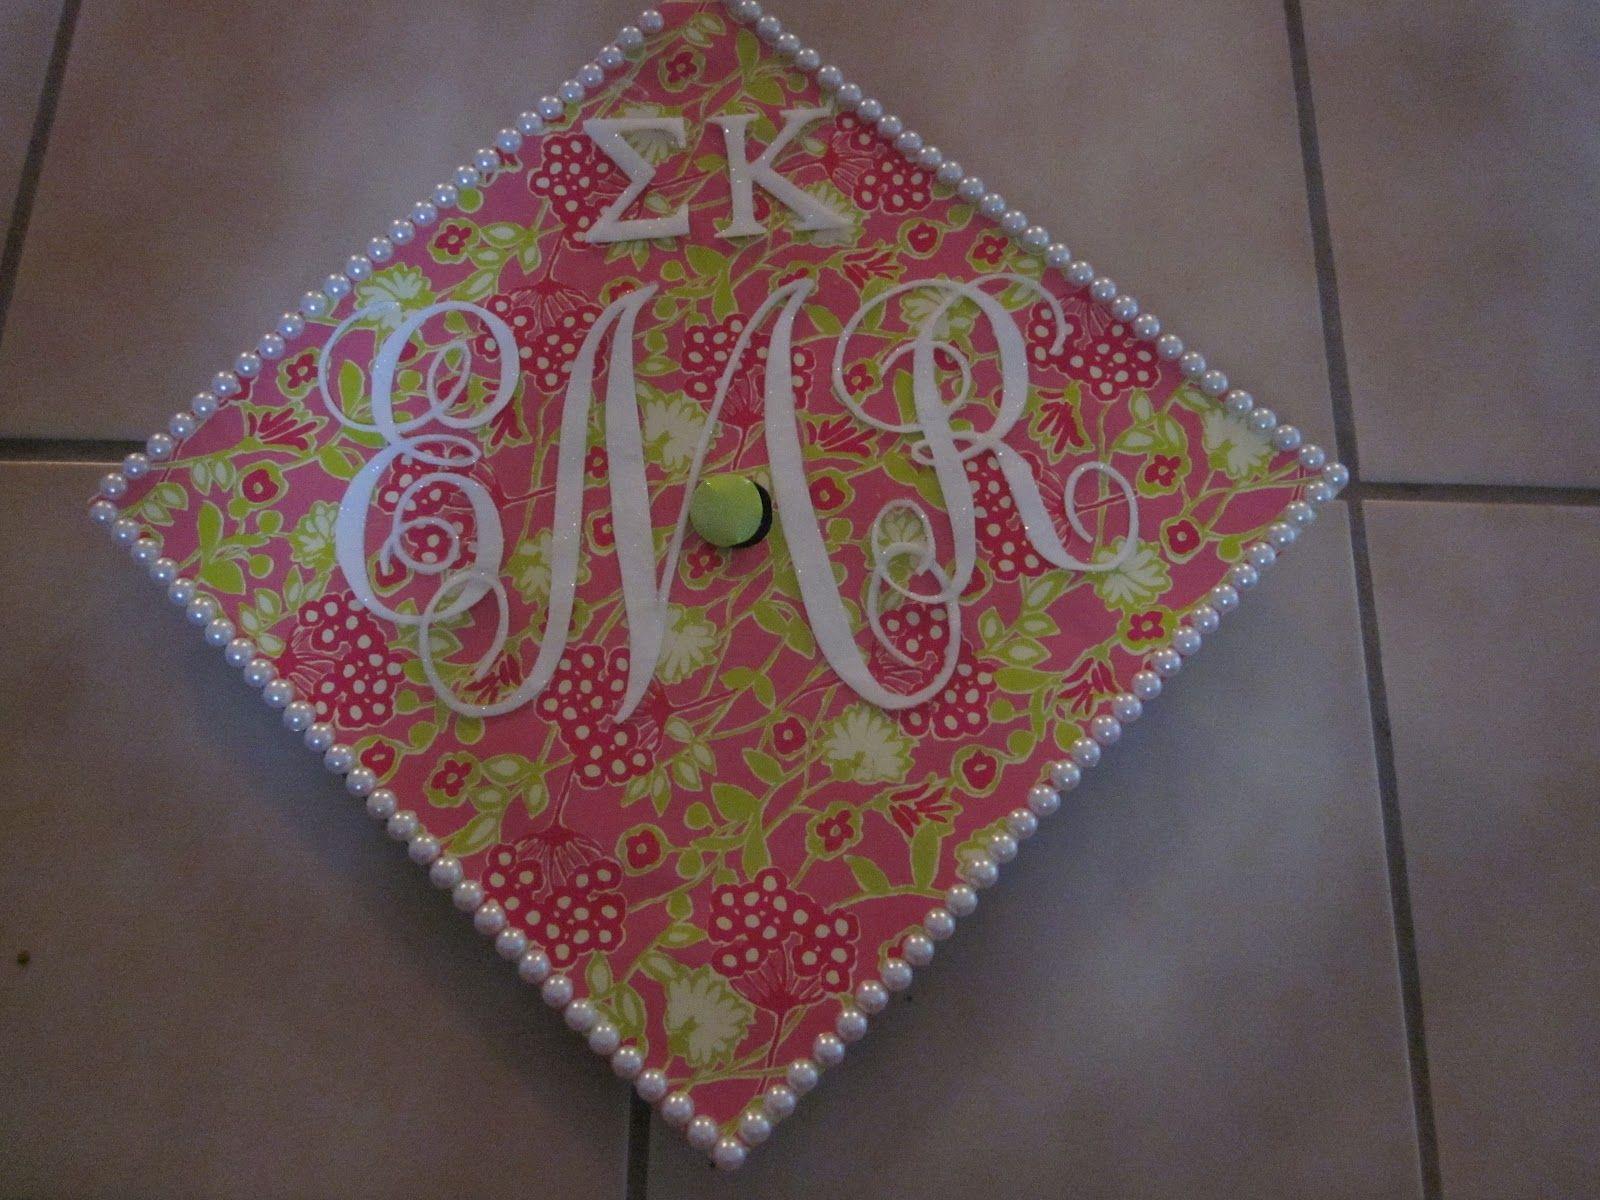 graduation cap decoration ideas 28 Creative Graduation